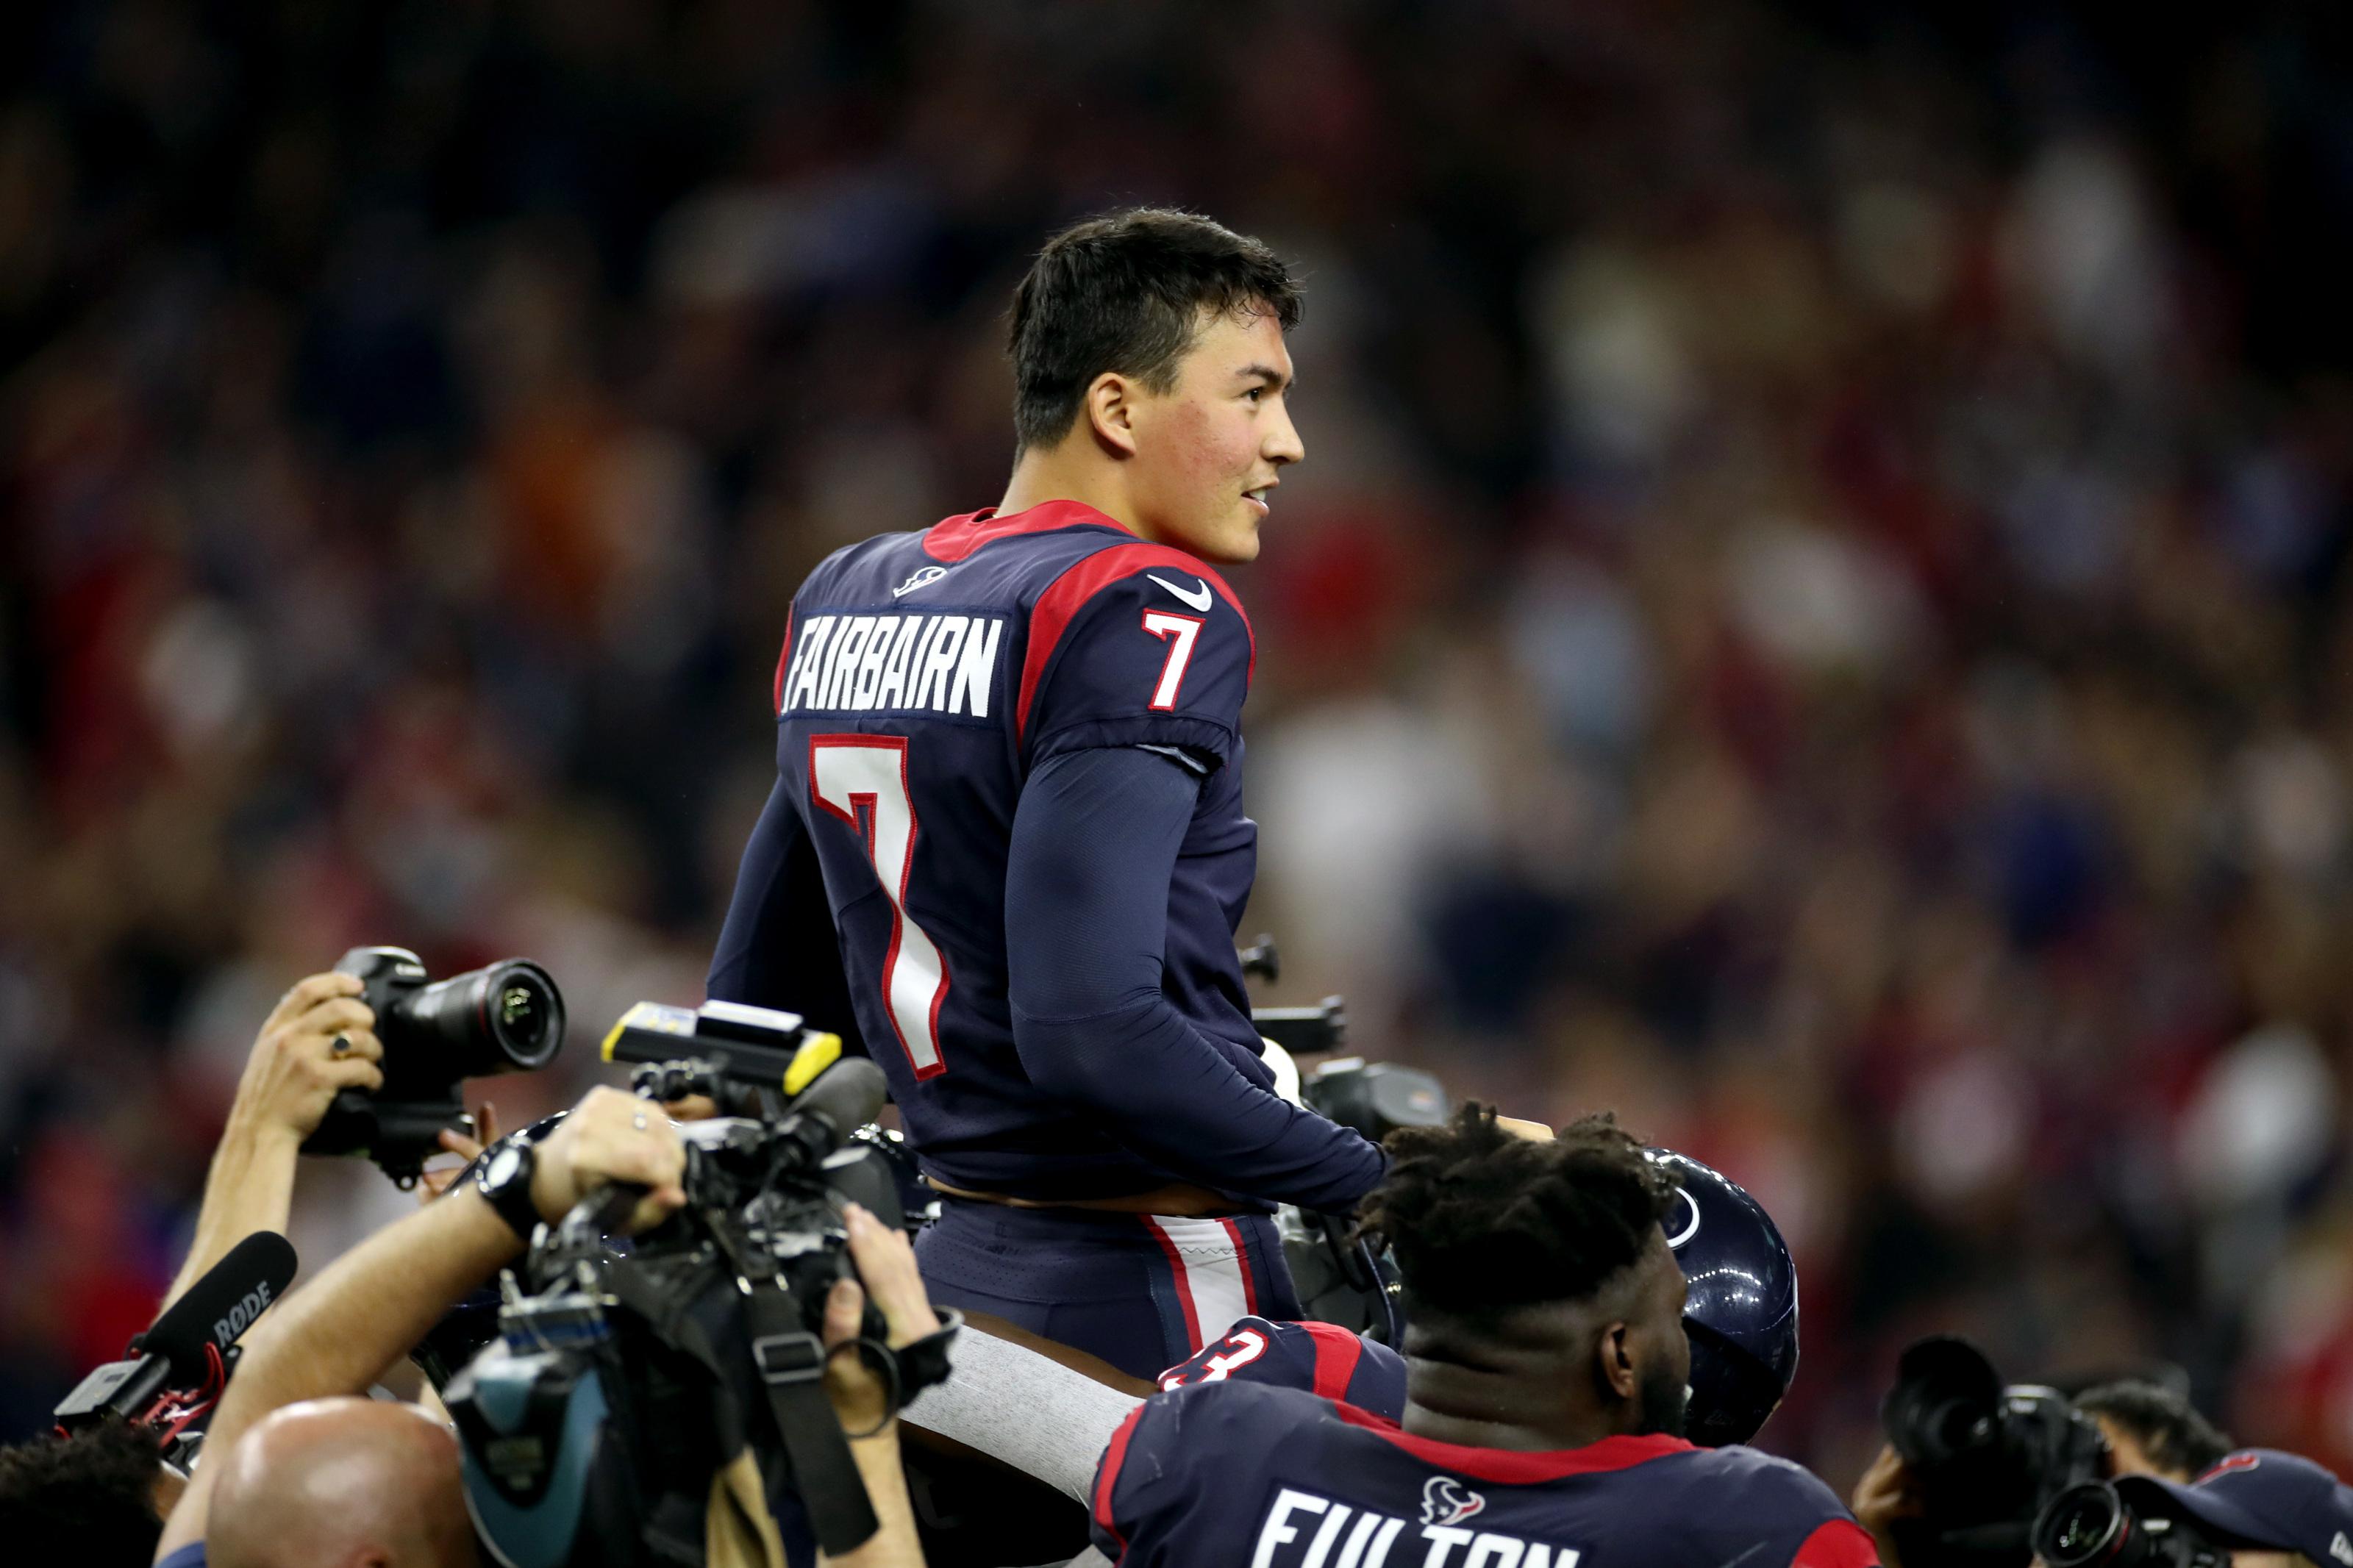 Houston Texans: Ka'imi Fairbairn's raise makes him among highest-paid